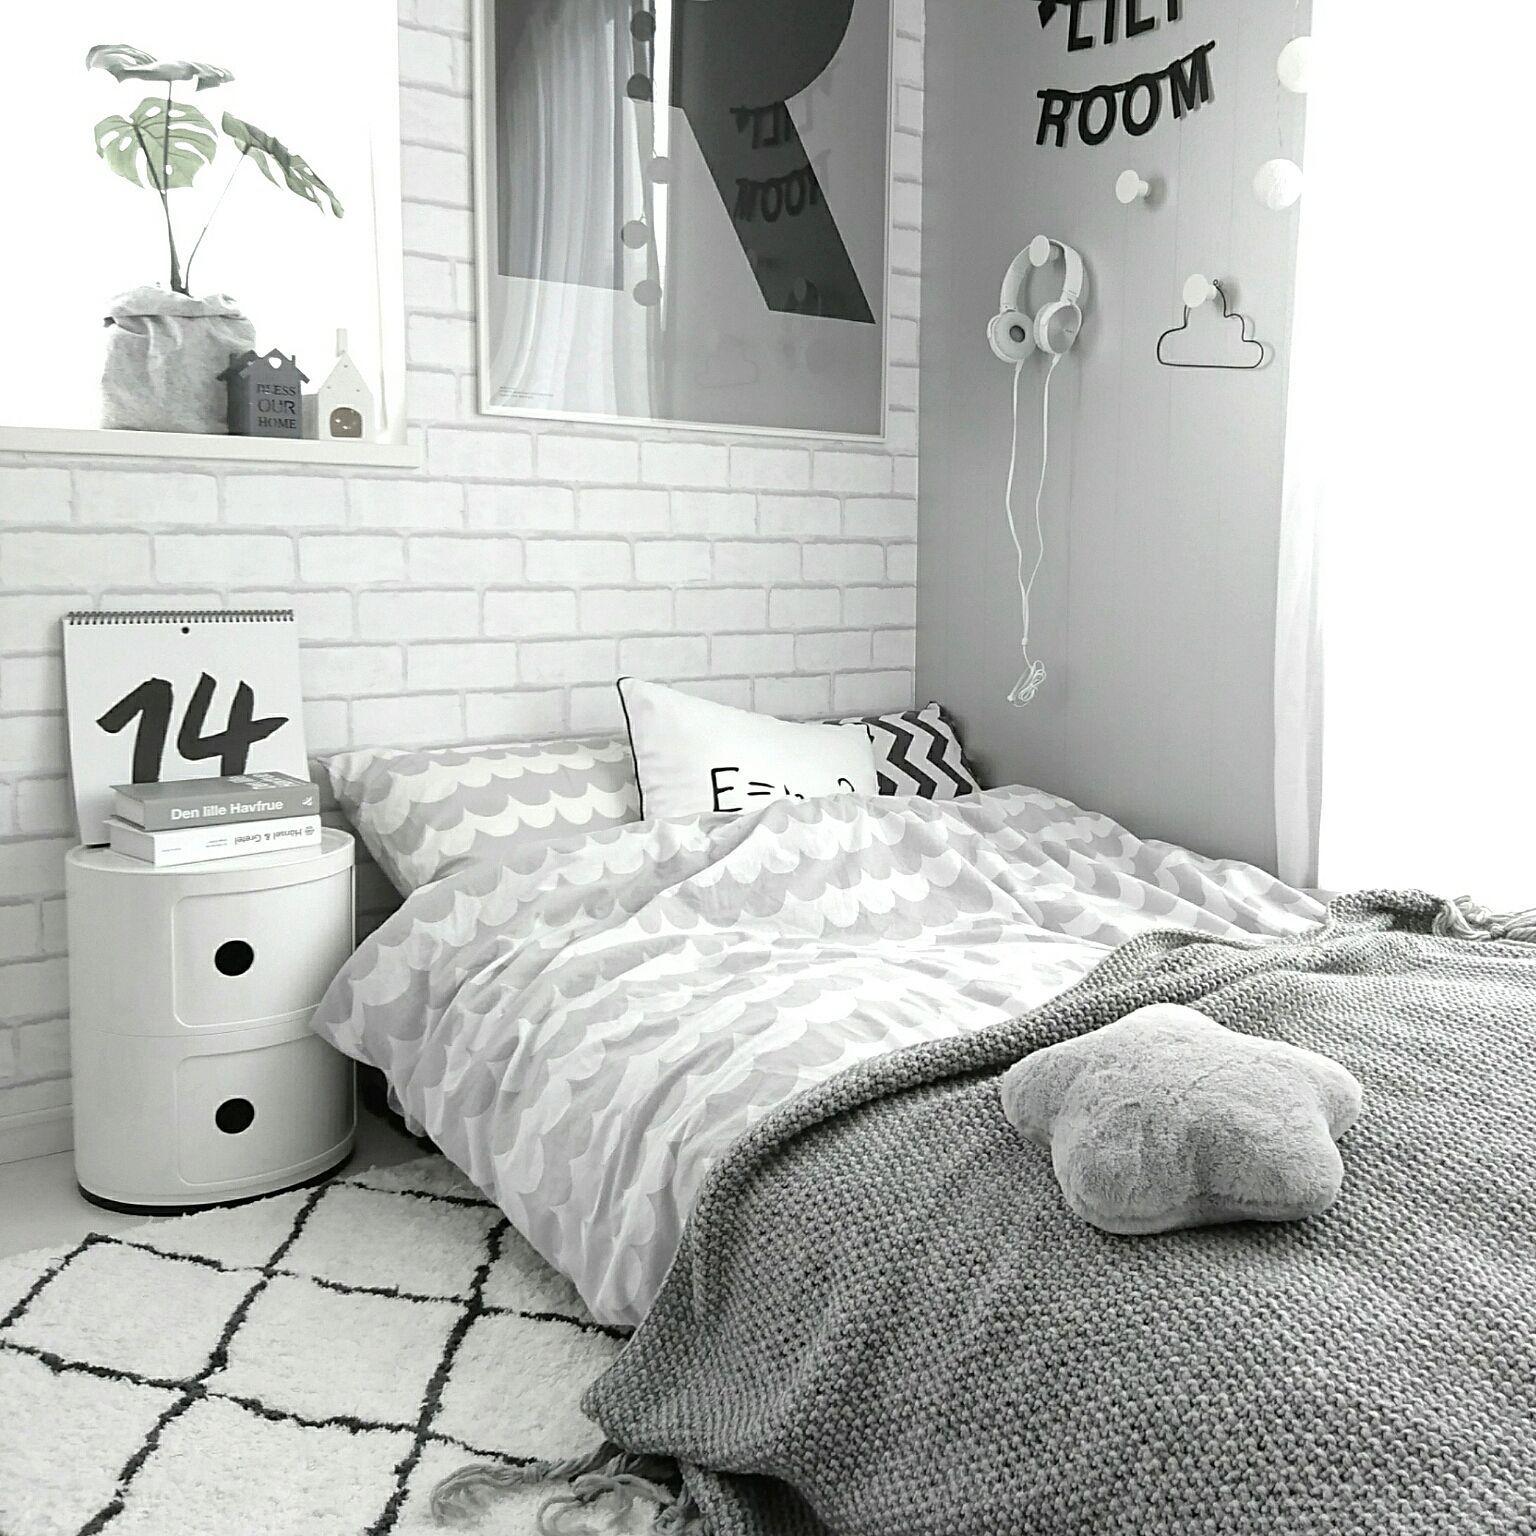 ベッド周り モノトーン 白黒 北欧 アート などのインテリア実例